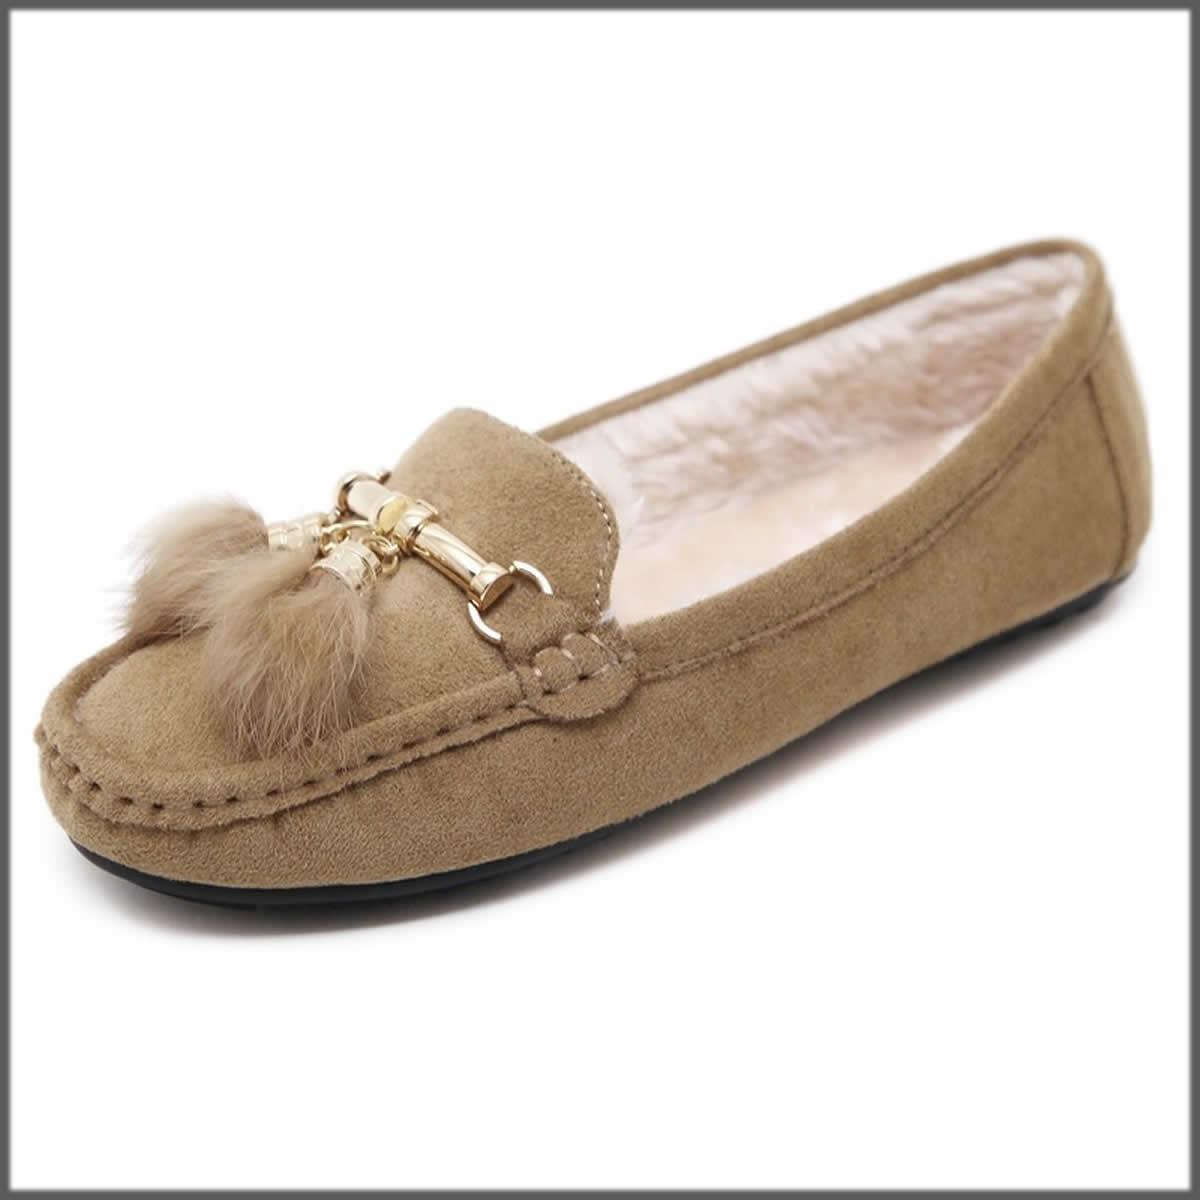 Classy footwear for women